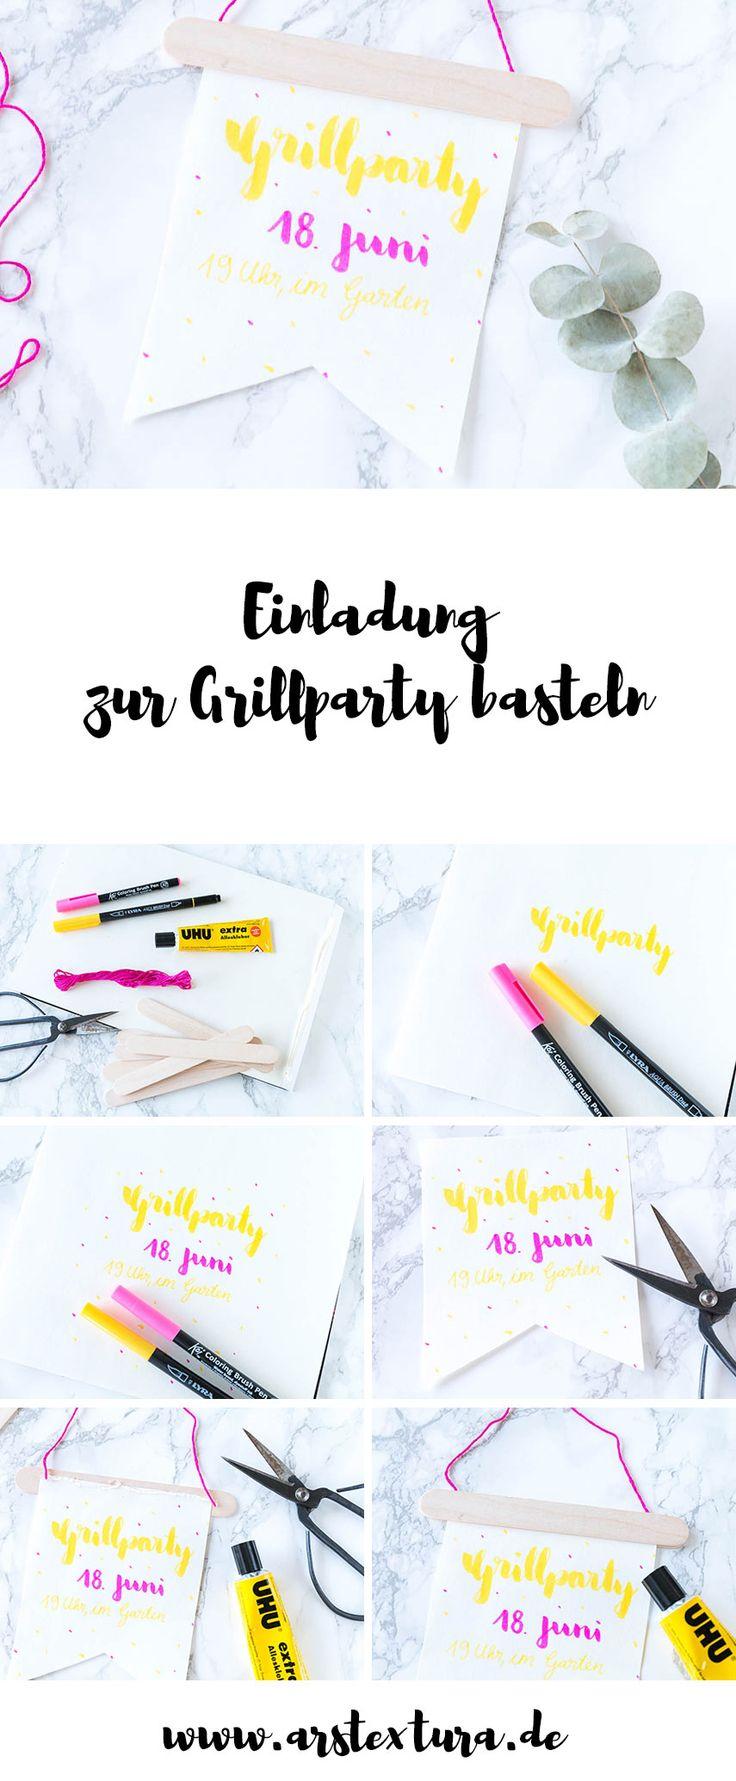 Anleitung Einladung zur Grillparty basteln - mit Handlettering